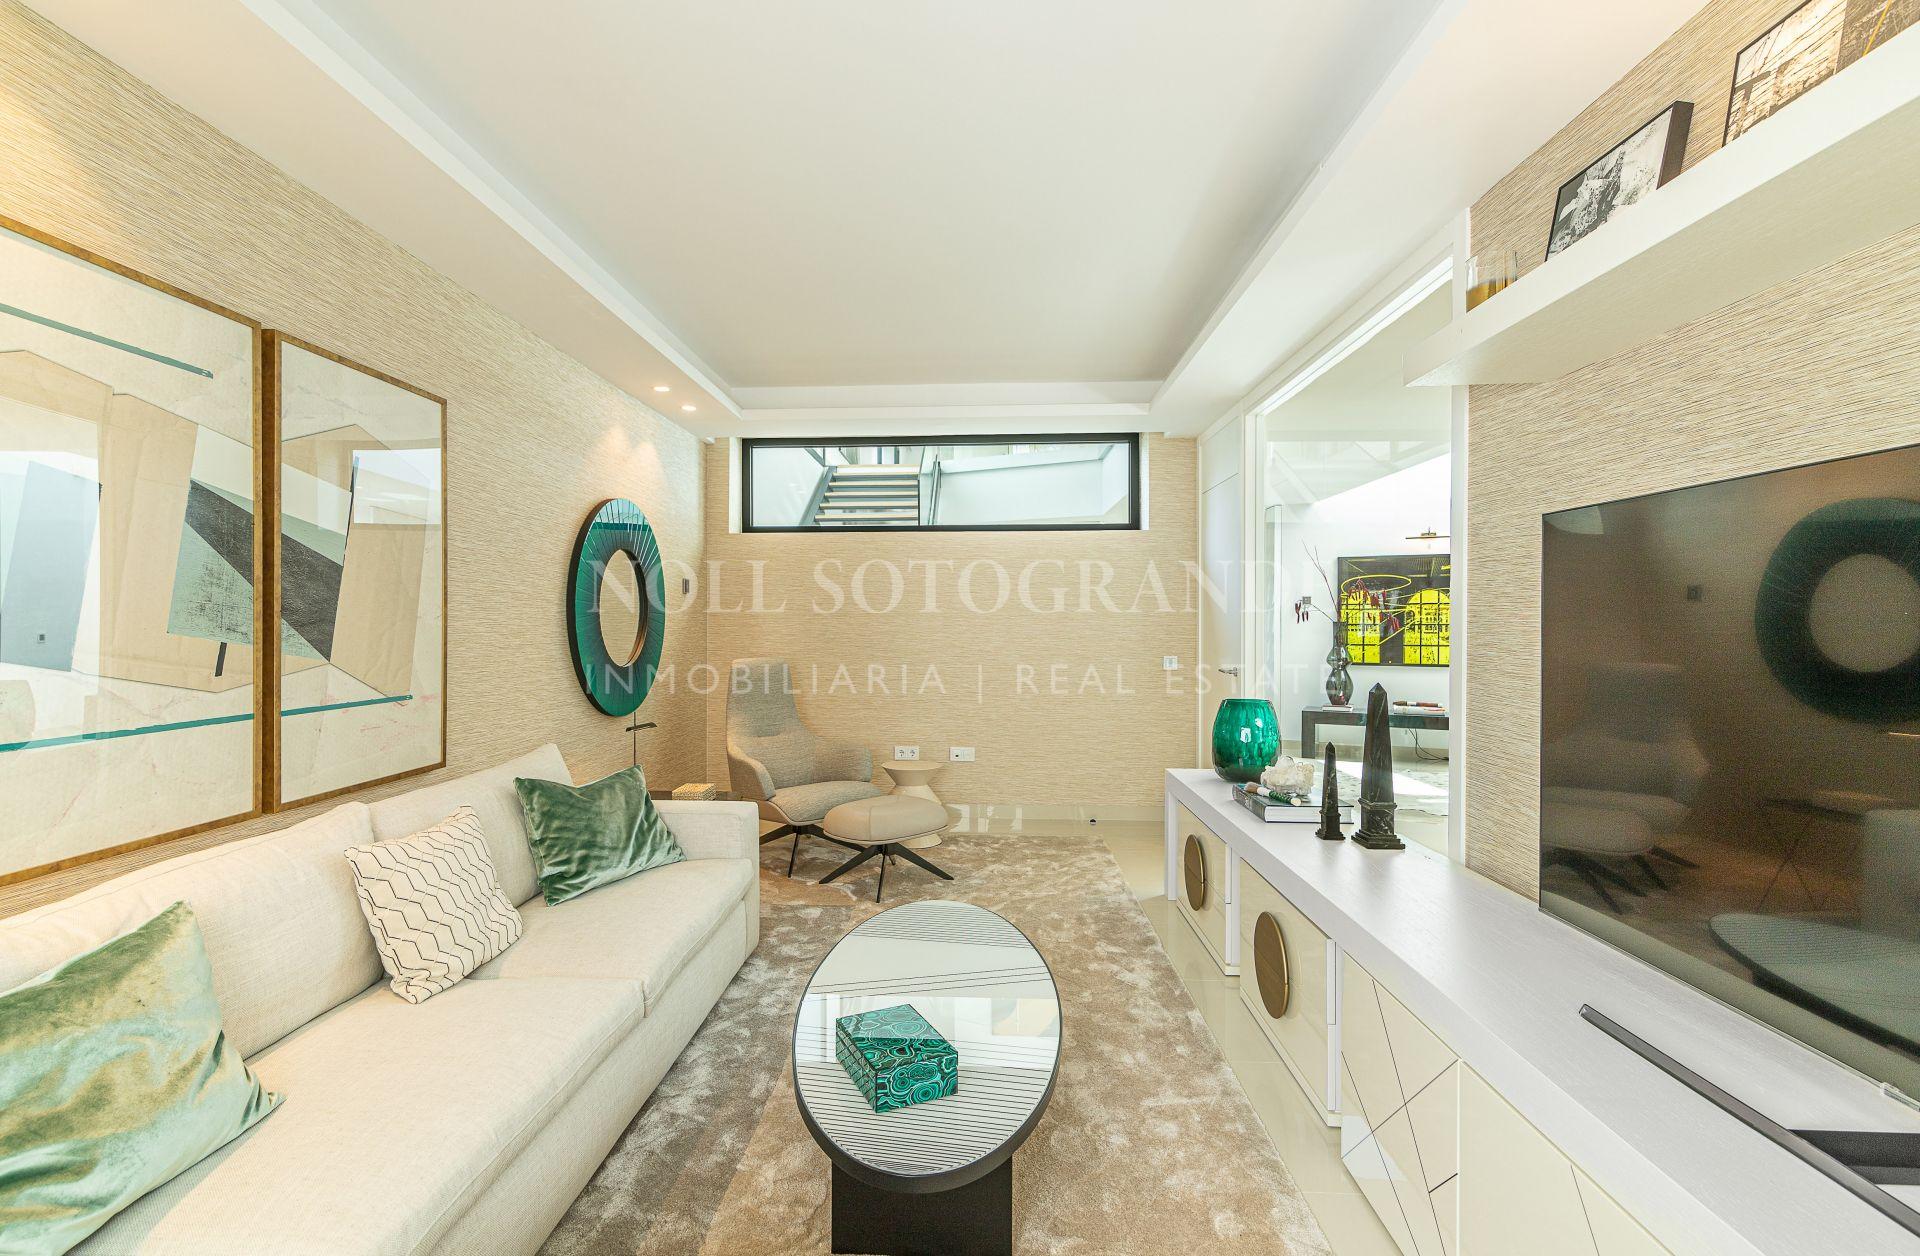 Contemporary Villa with sea views Sotogrande Alto